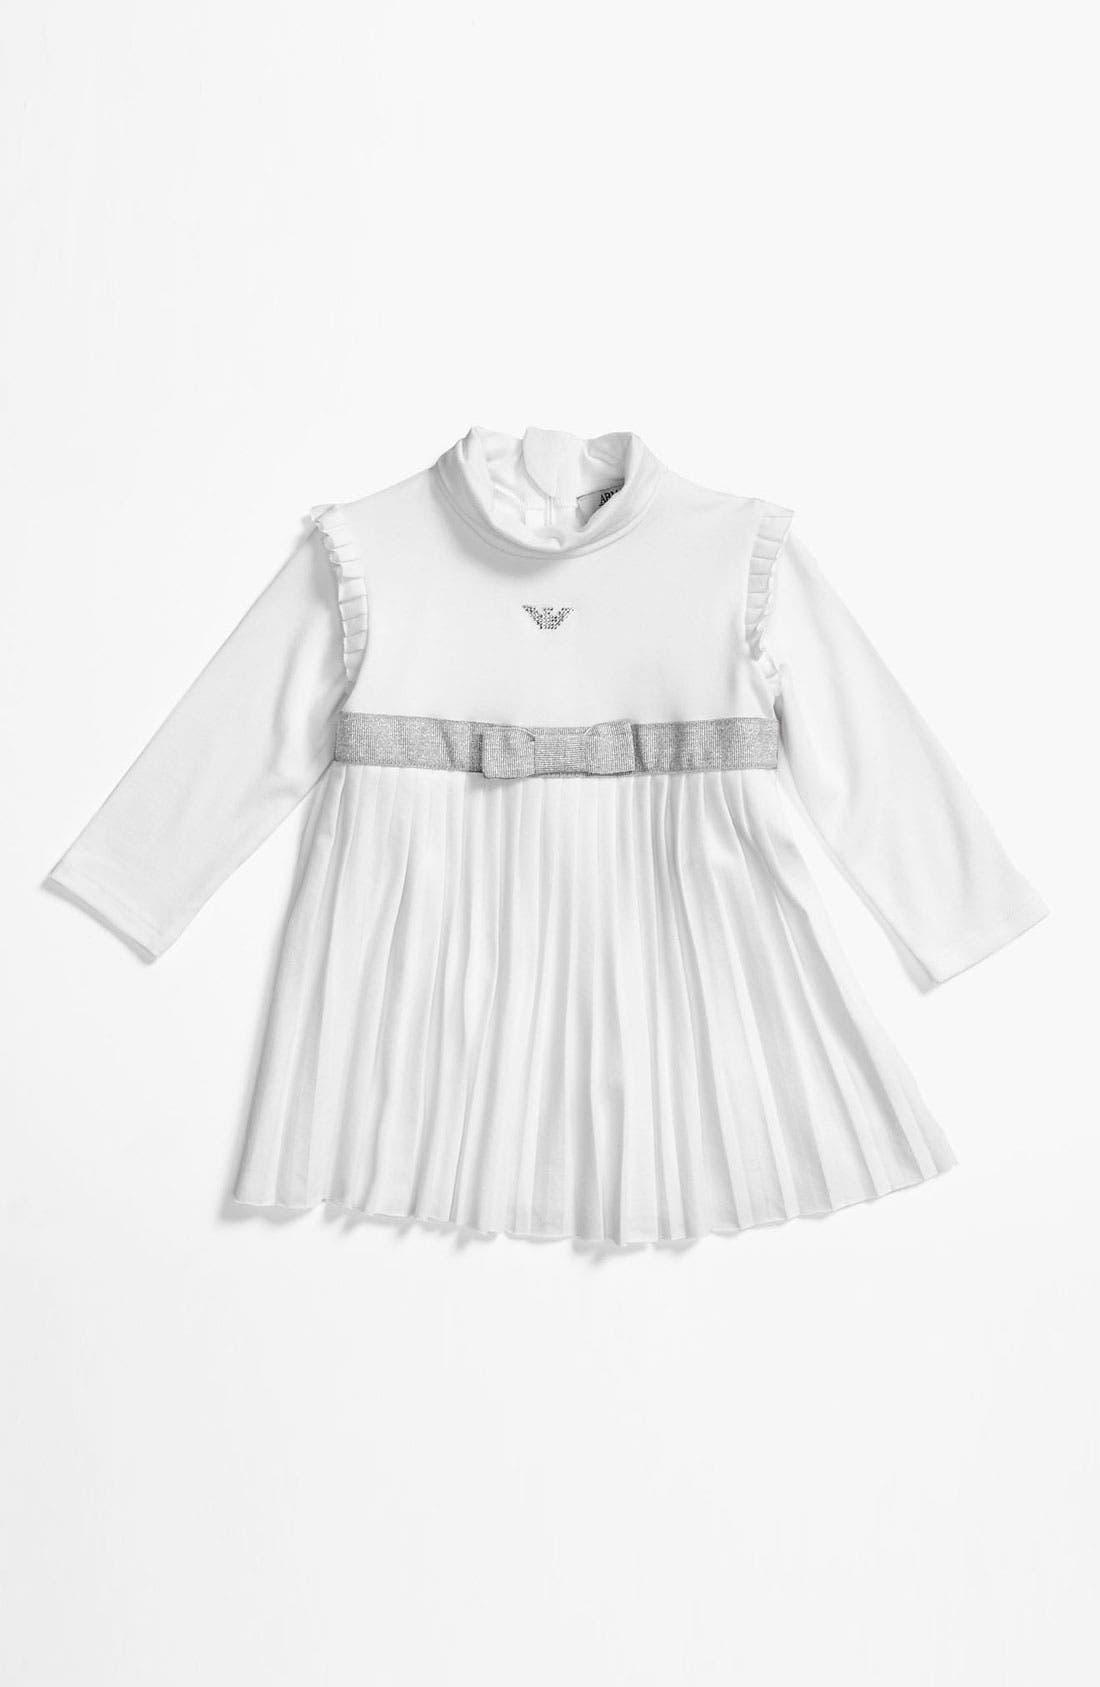 Alternate Image 1 Selected - Armani Junior Pleated Dress (Infant)